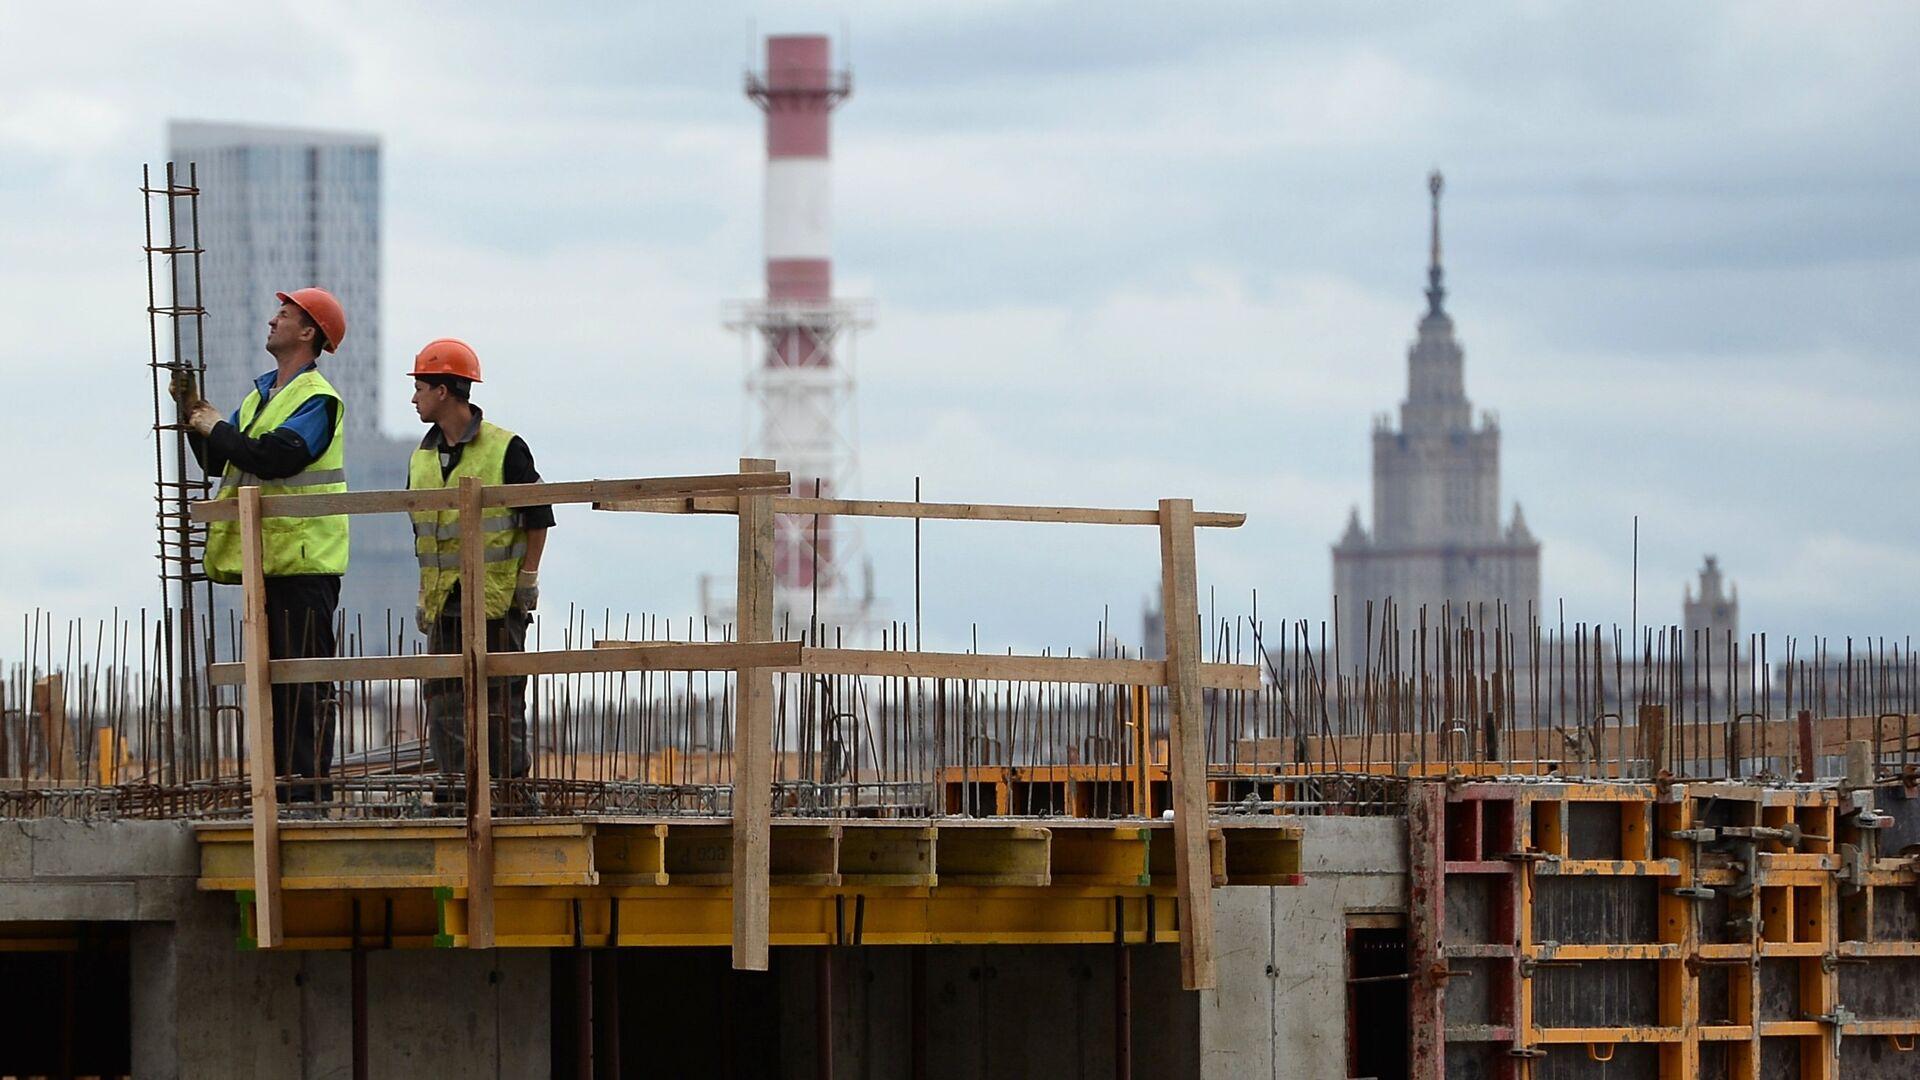 Строительство жилья - РИА Новости, 1920, 05.02.2021